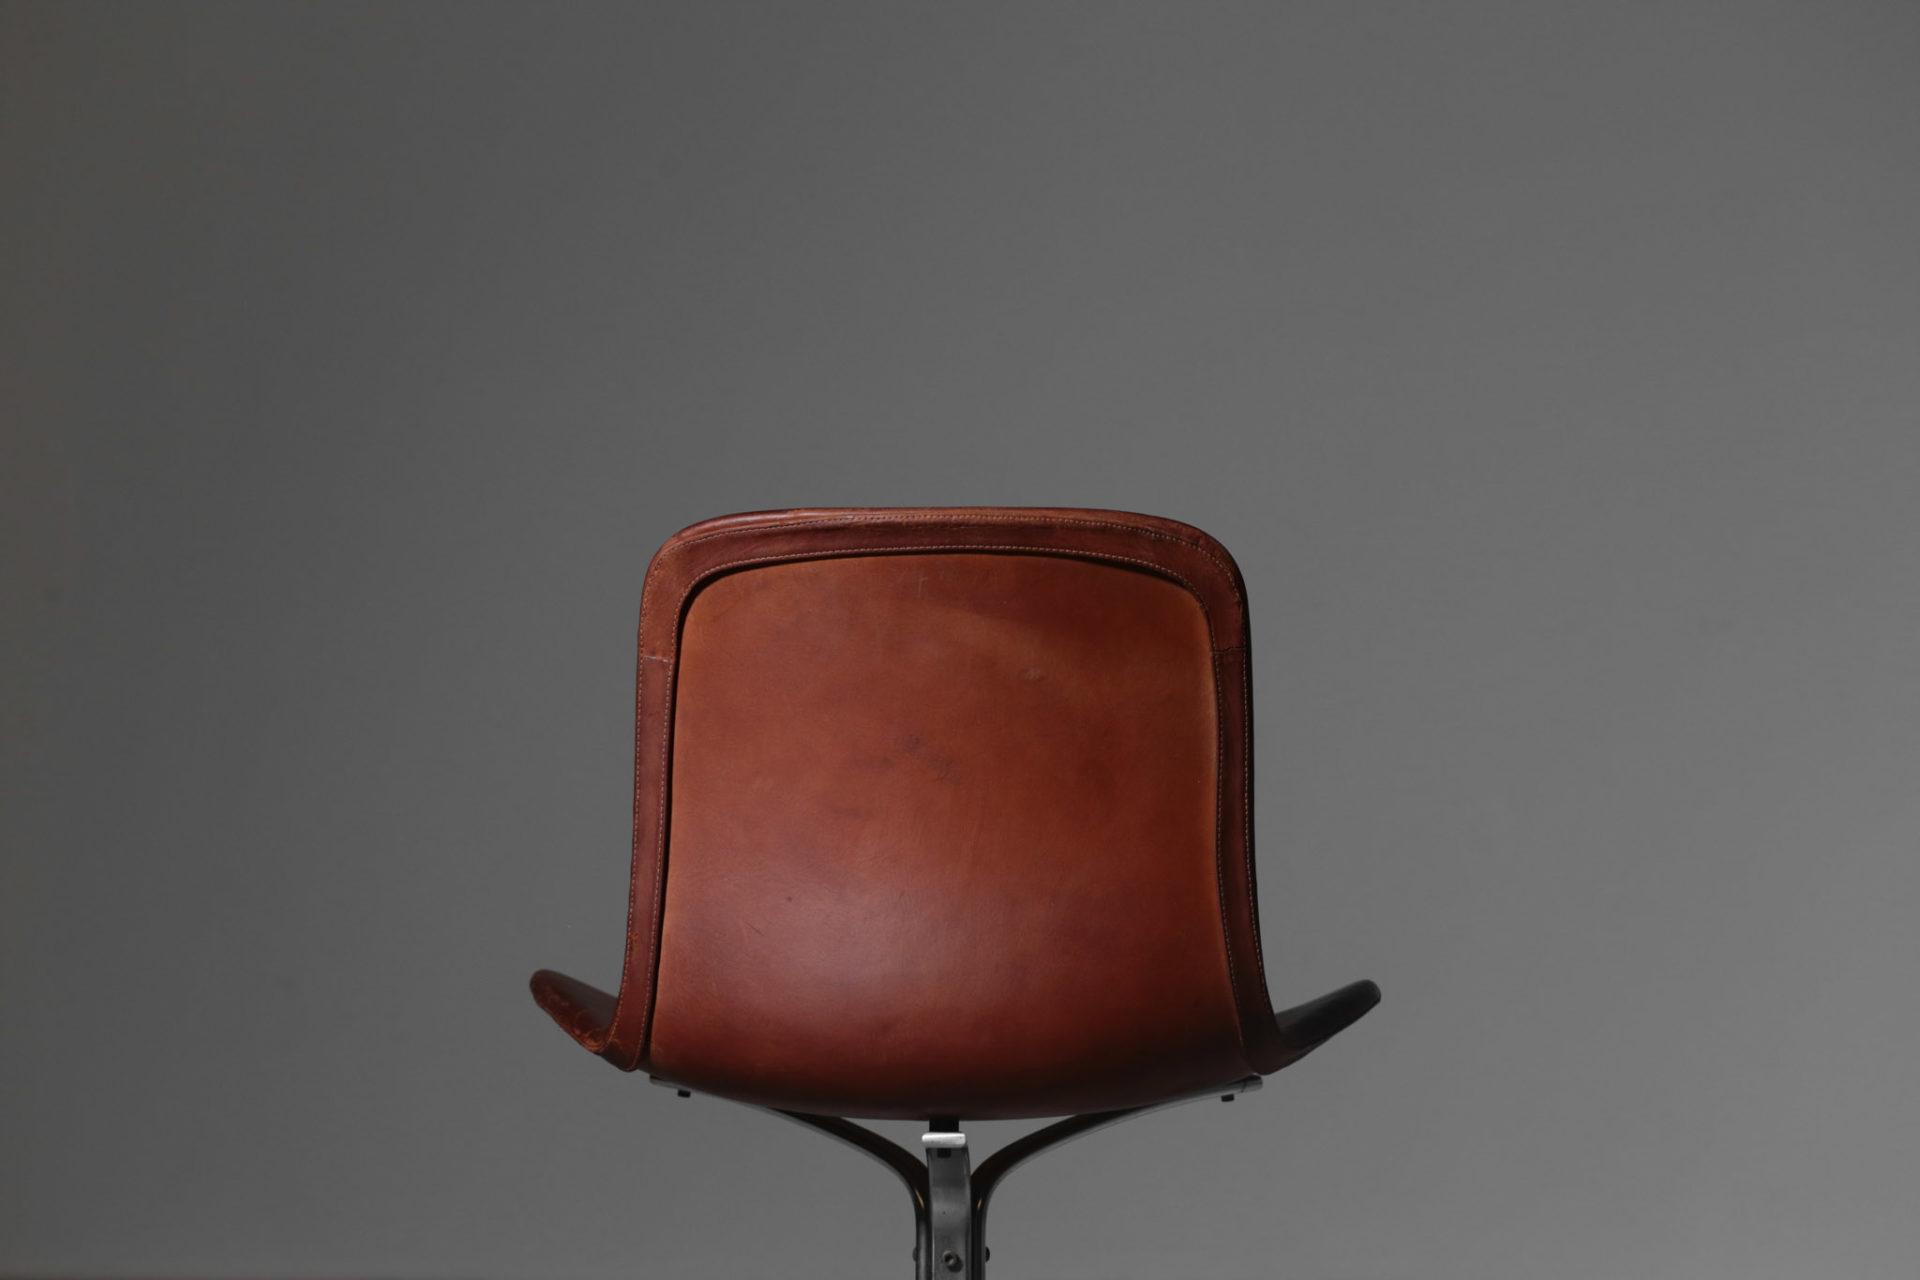 Poul Kjaerholm PK9 chaise design kold Christensen 23Poul Kjaerholm PK9 chaise design kold Christensen 23